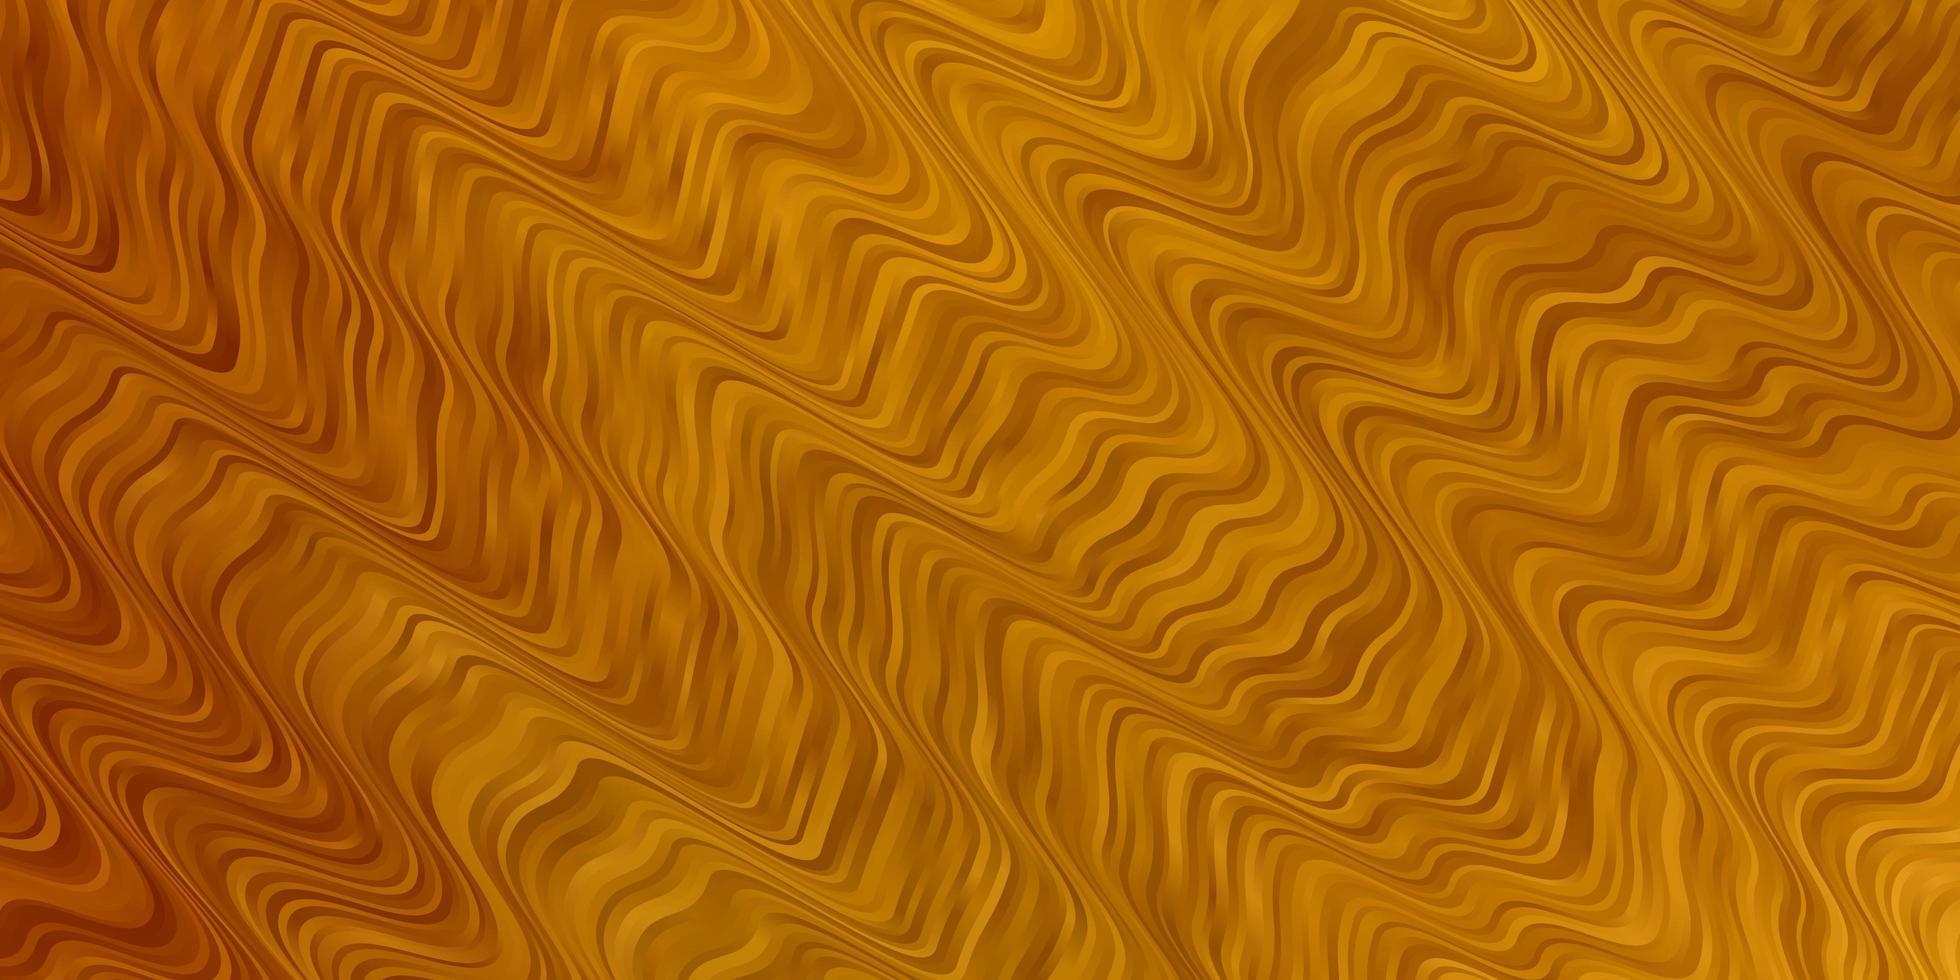 textura de vector amarillo oscuro con curvas.